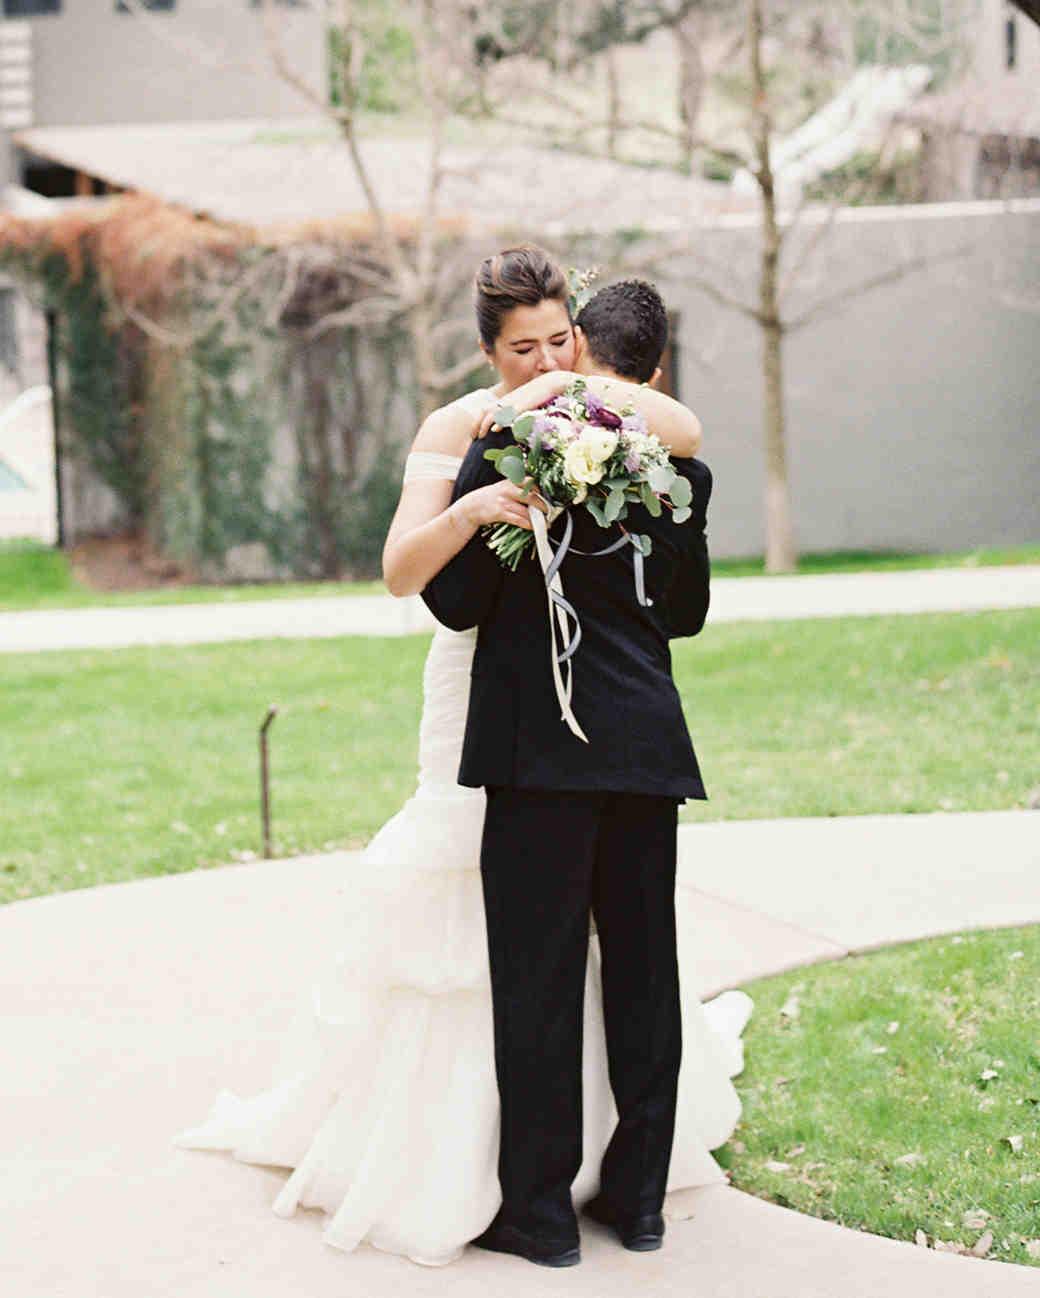 stacey-adam-wedding-firstlook-0031-s112112-0815.jpg